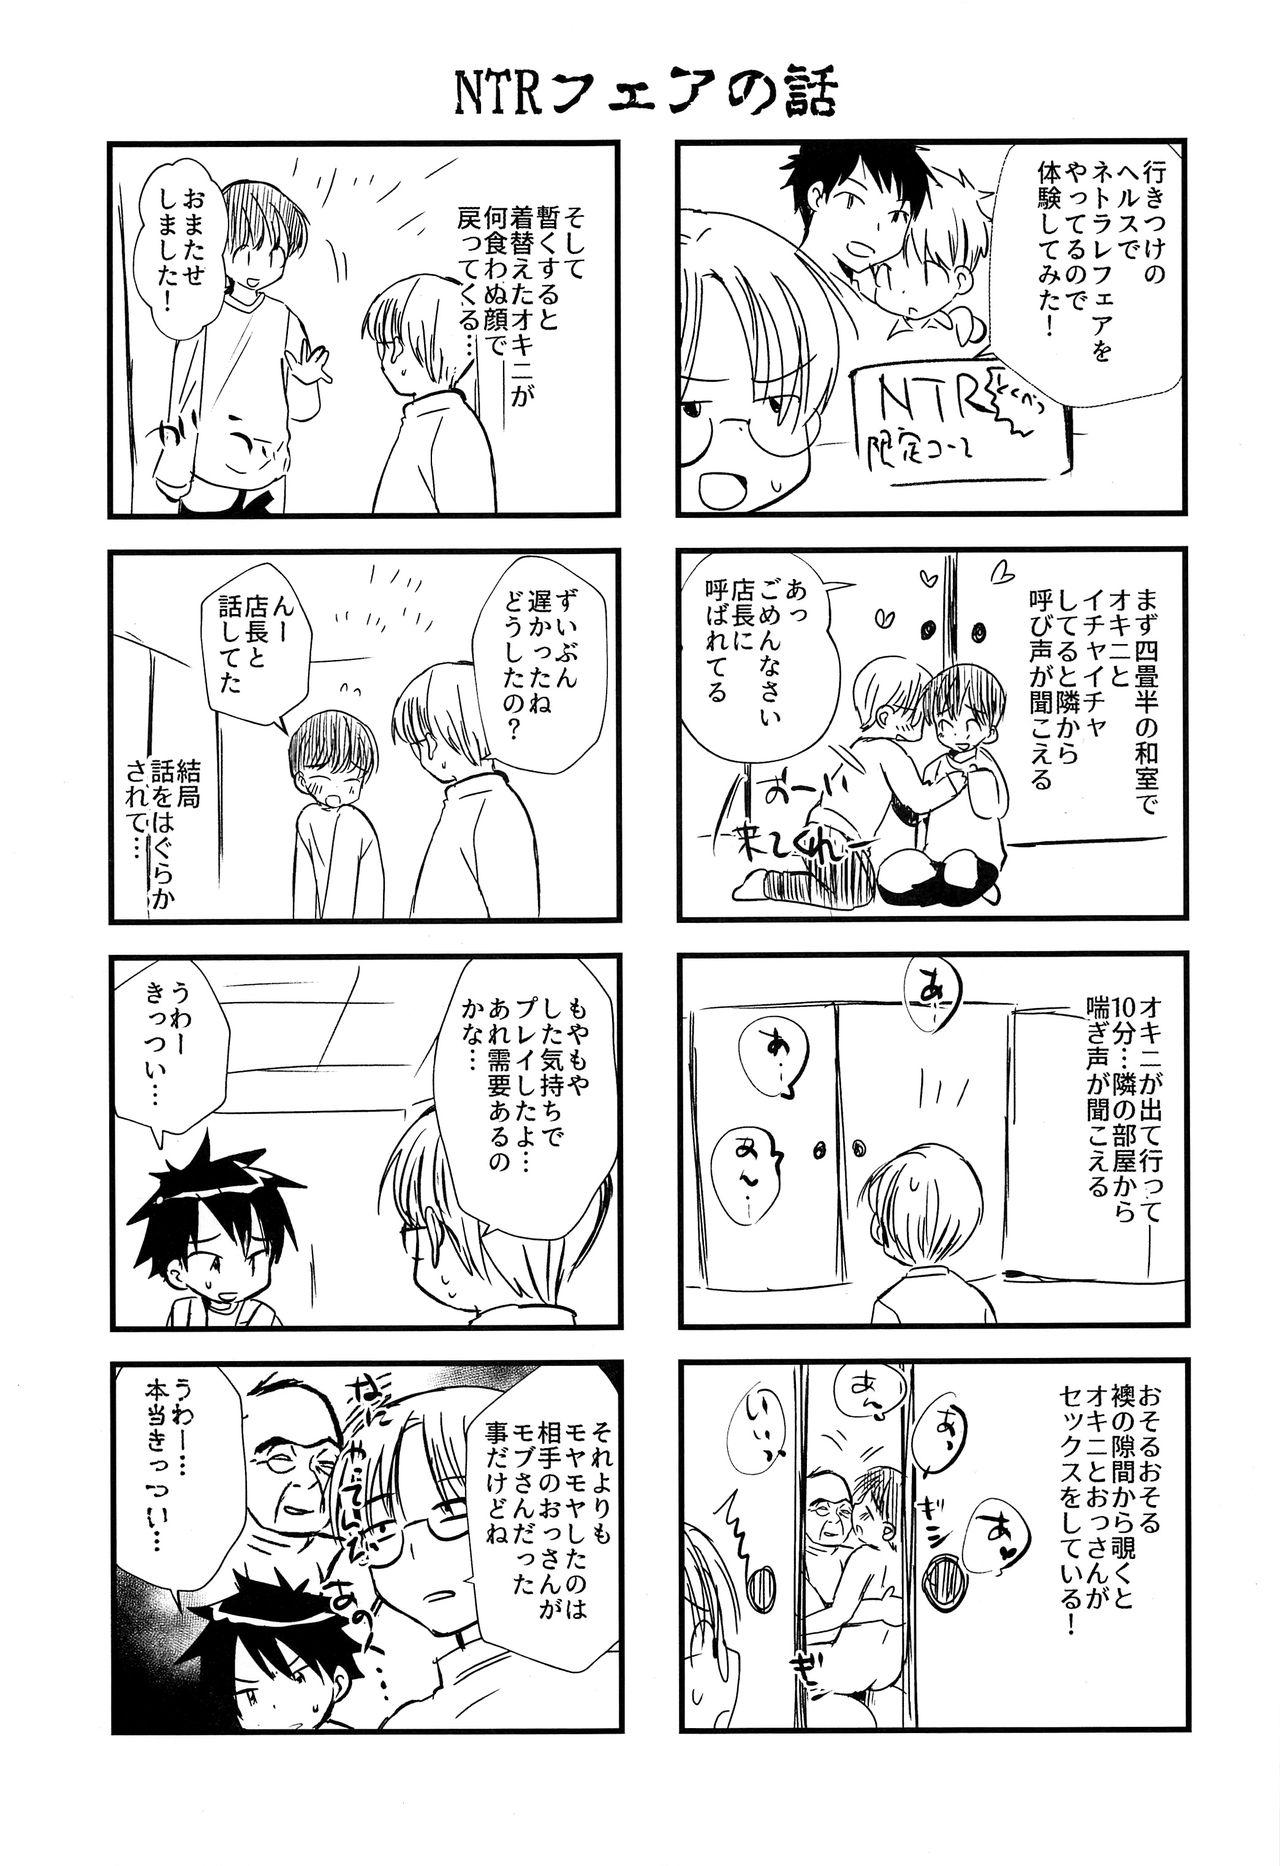 Tokumori! Shota Fuuzoku Saizensen 48